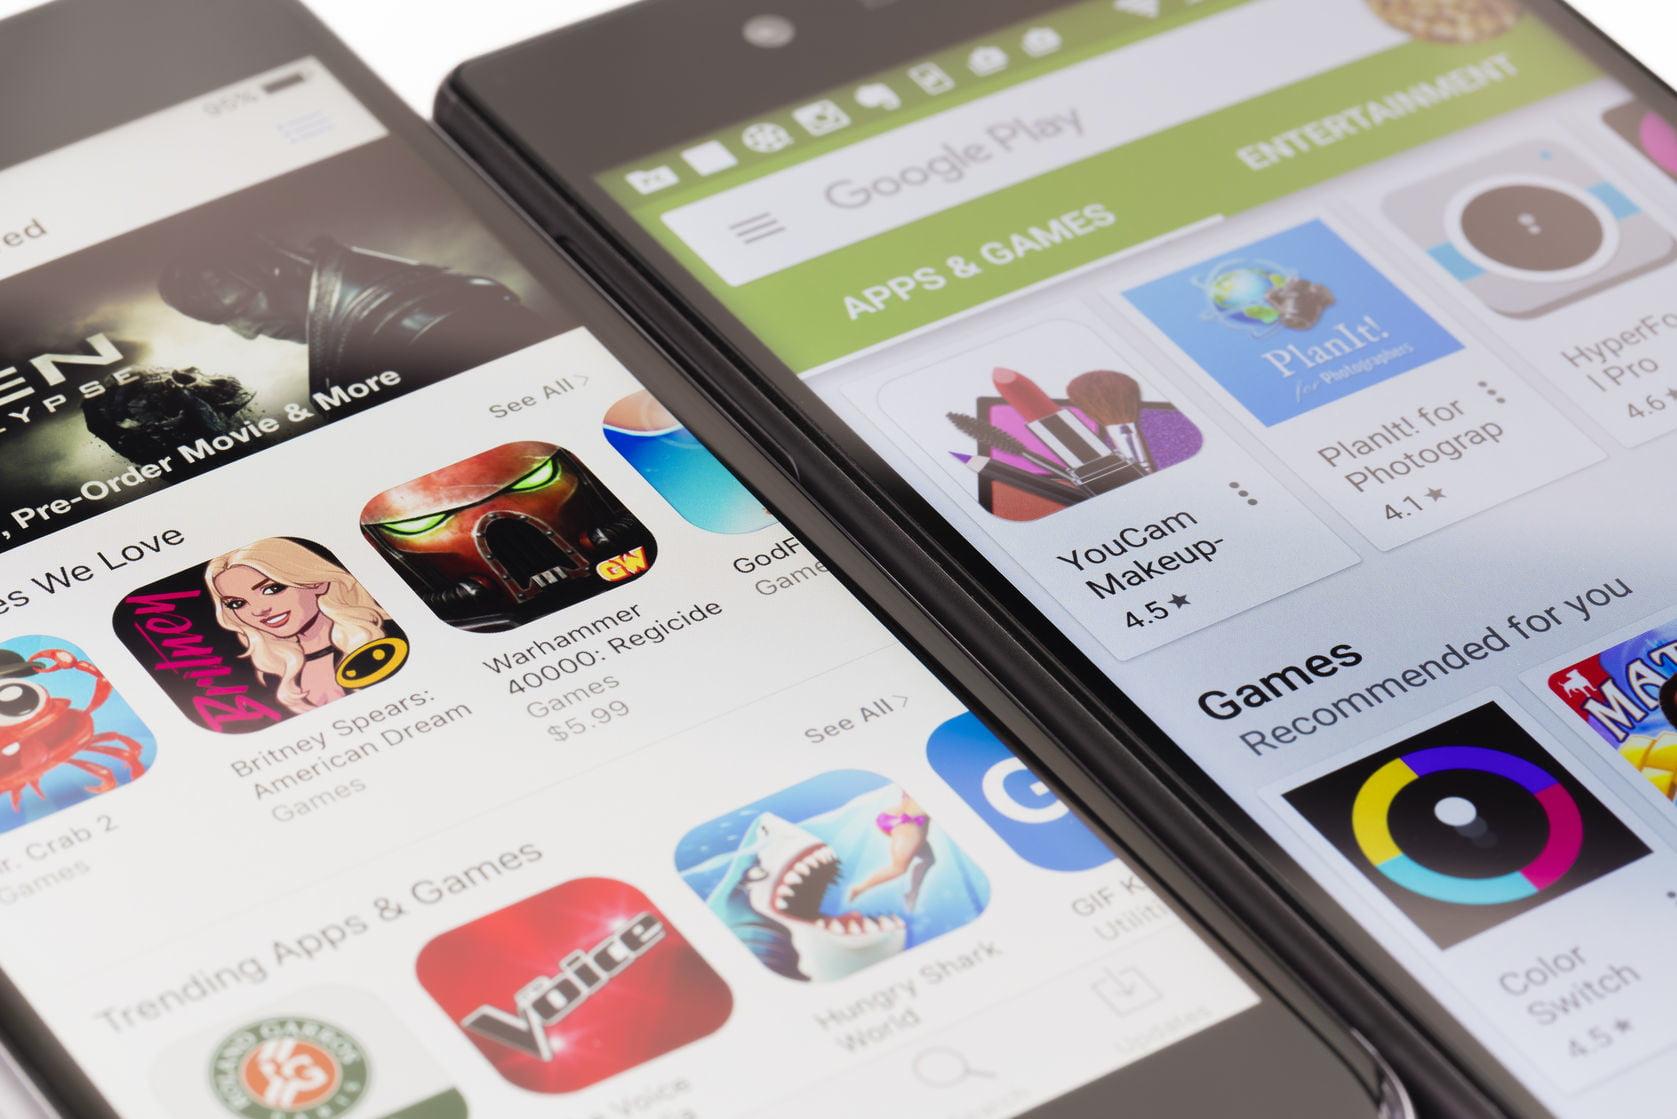 در سه ماه گذشته ۱۹ میلیارد اپلیکیشن از Google Play دانلود شده است